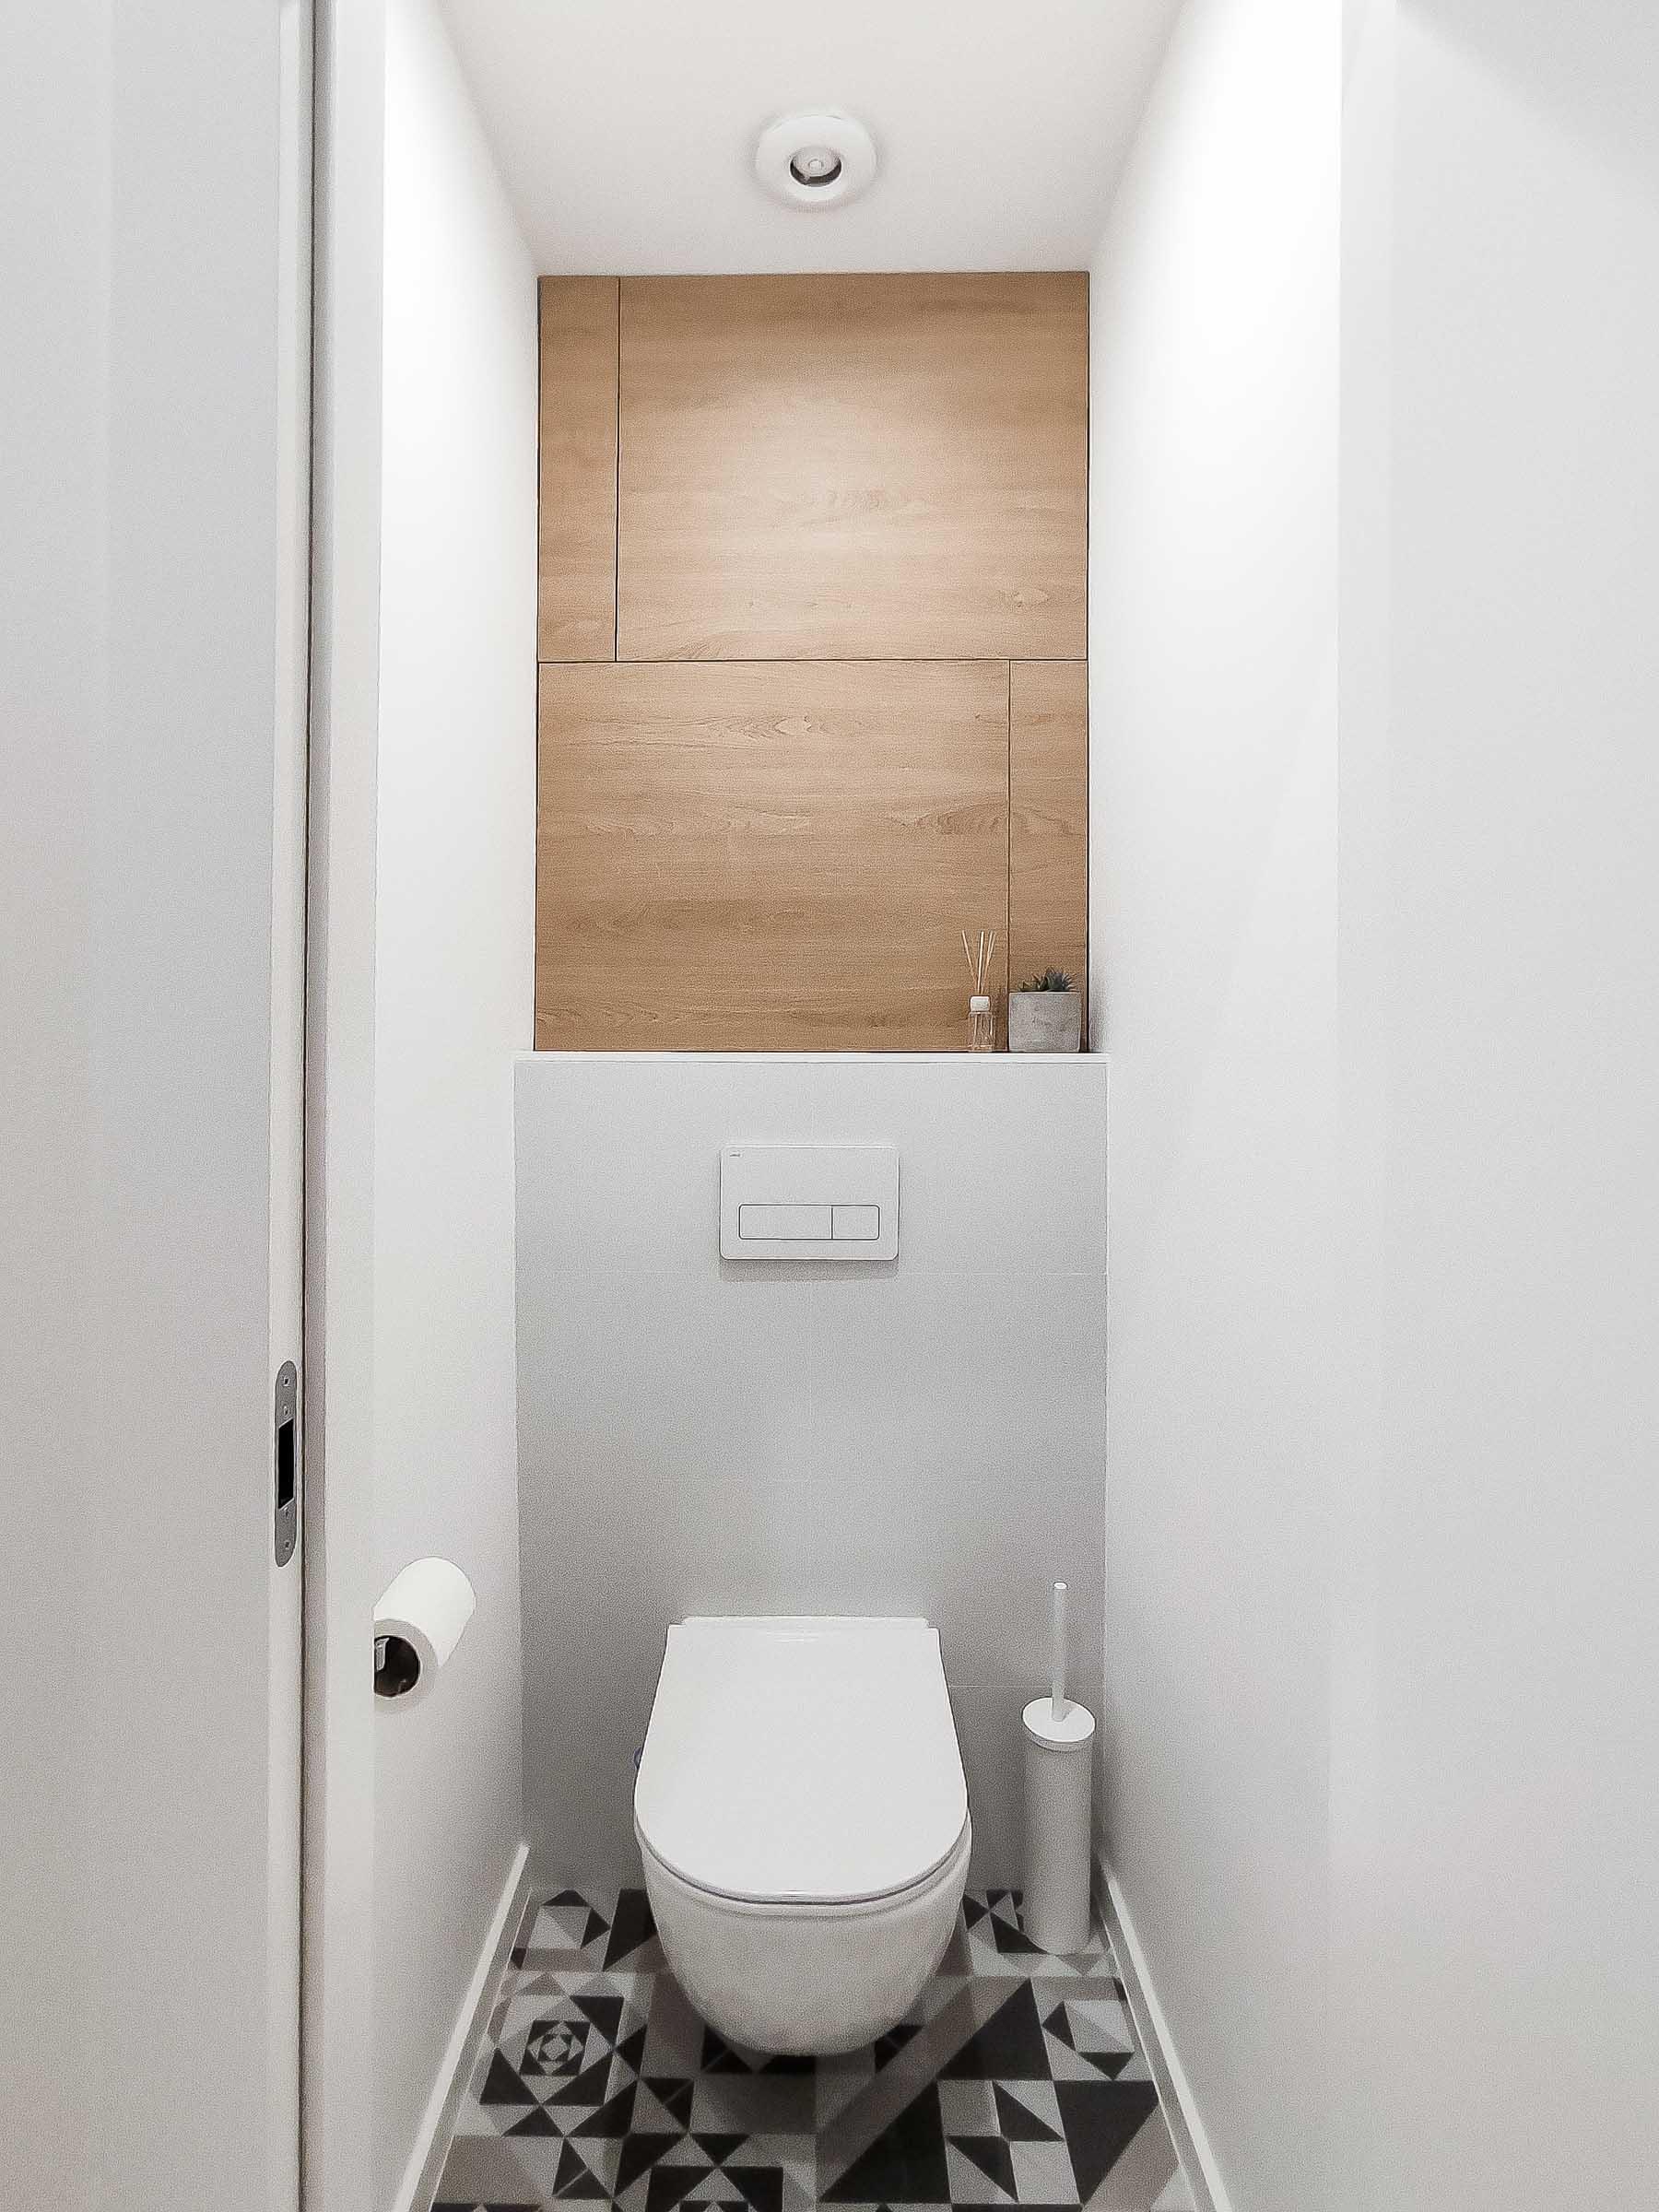 Rekonstrukcia bytu, Ruzinov, WC, VAUarchitects